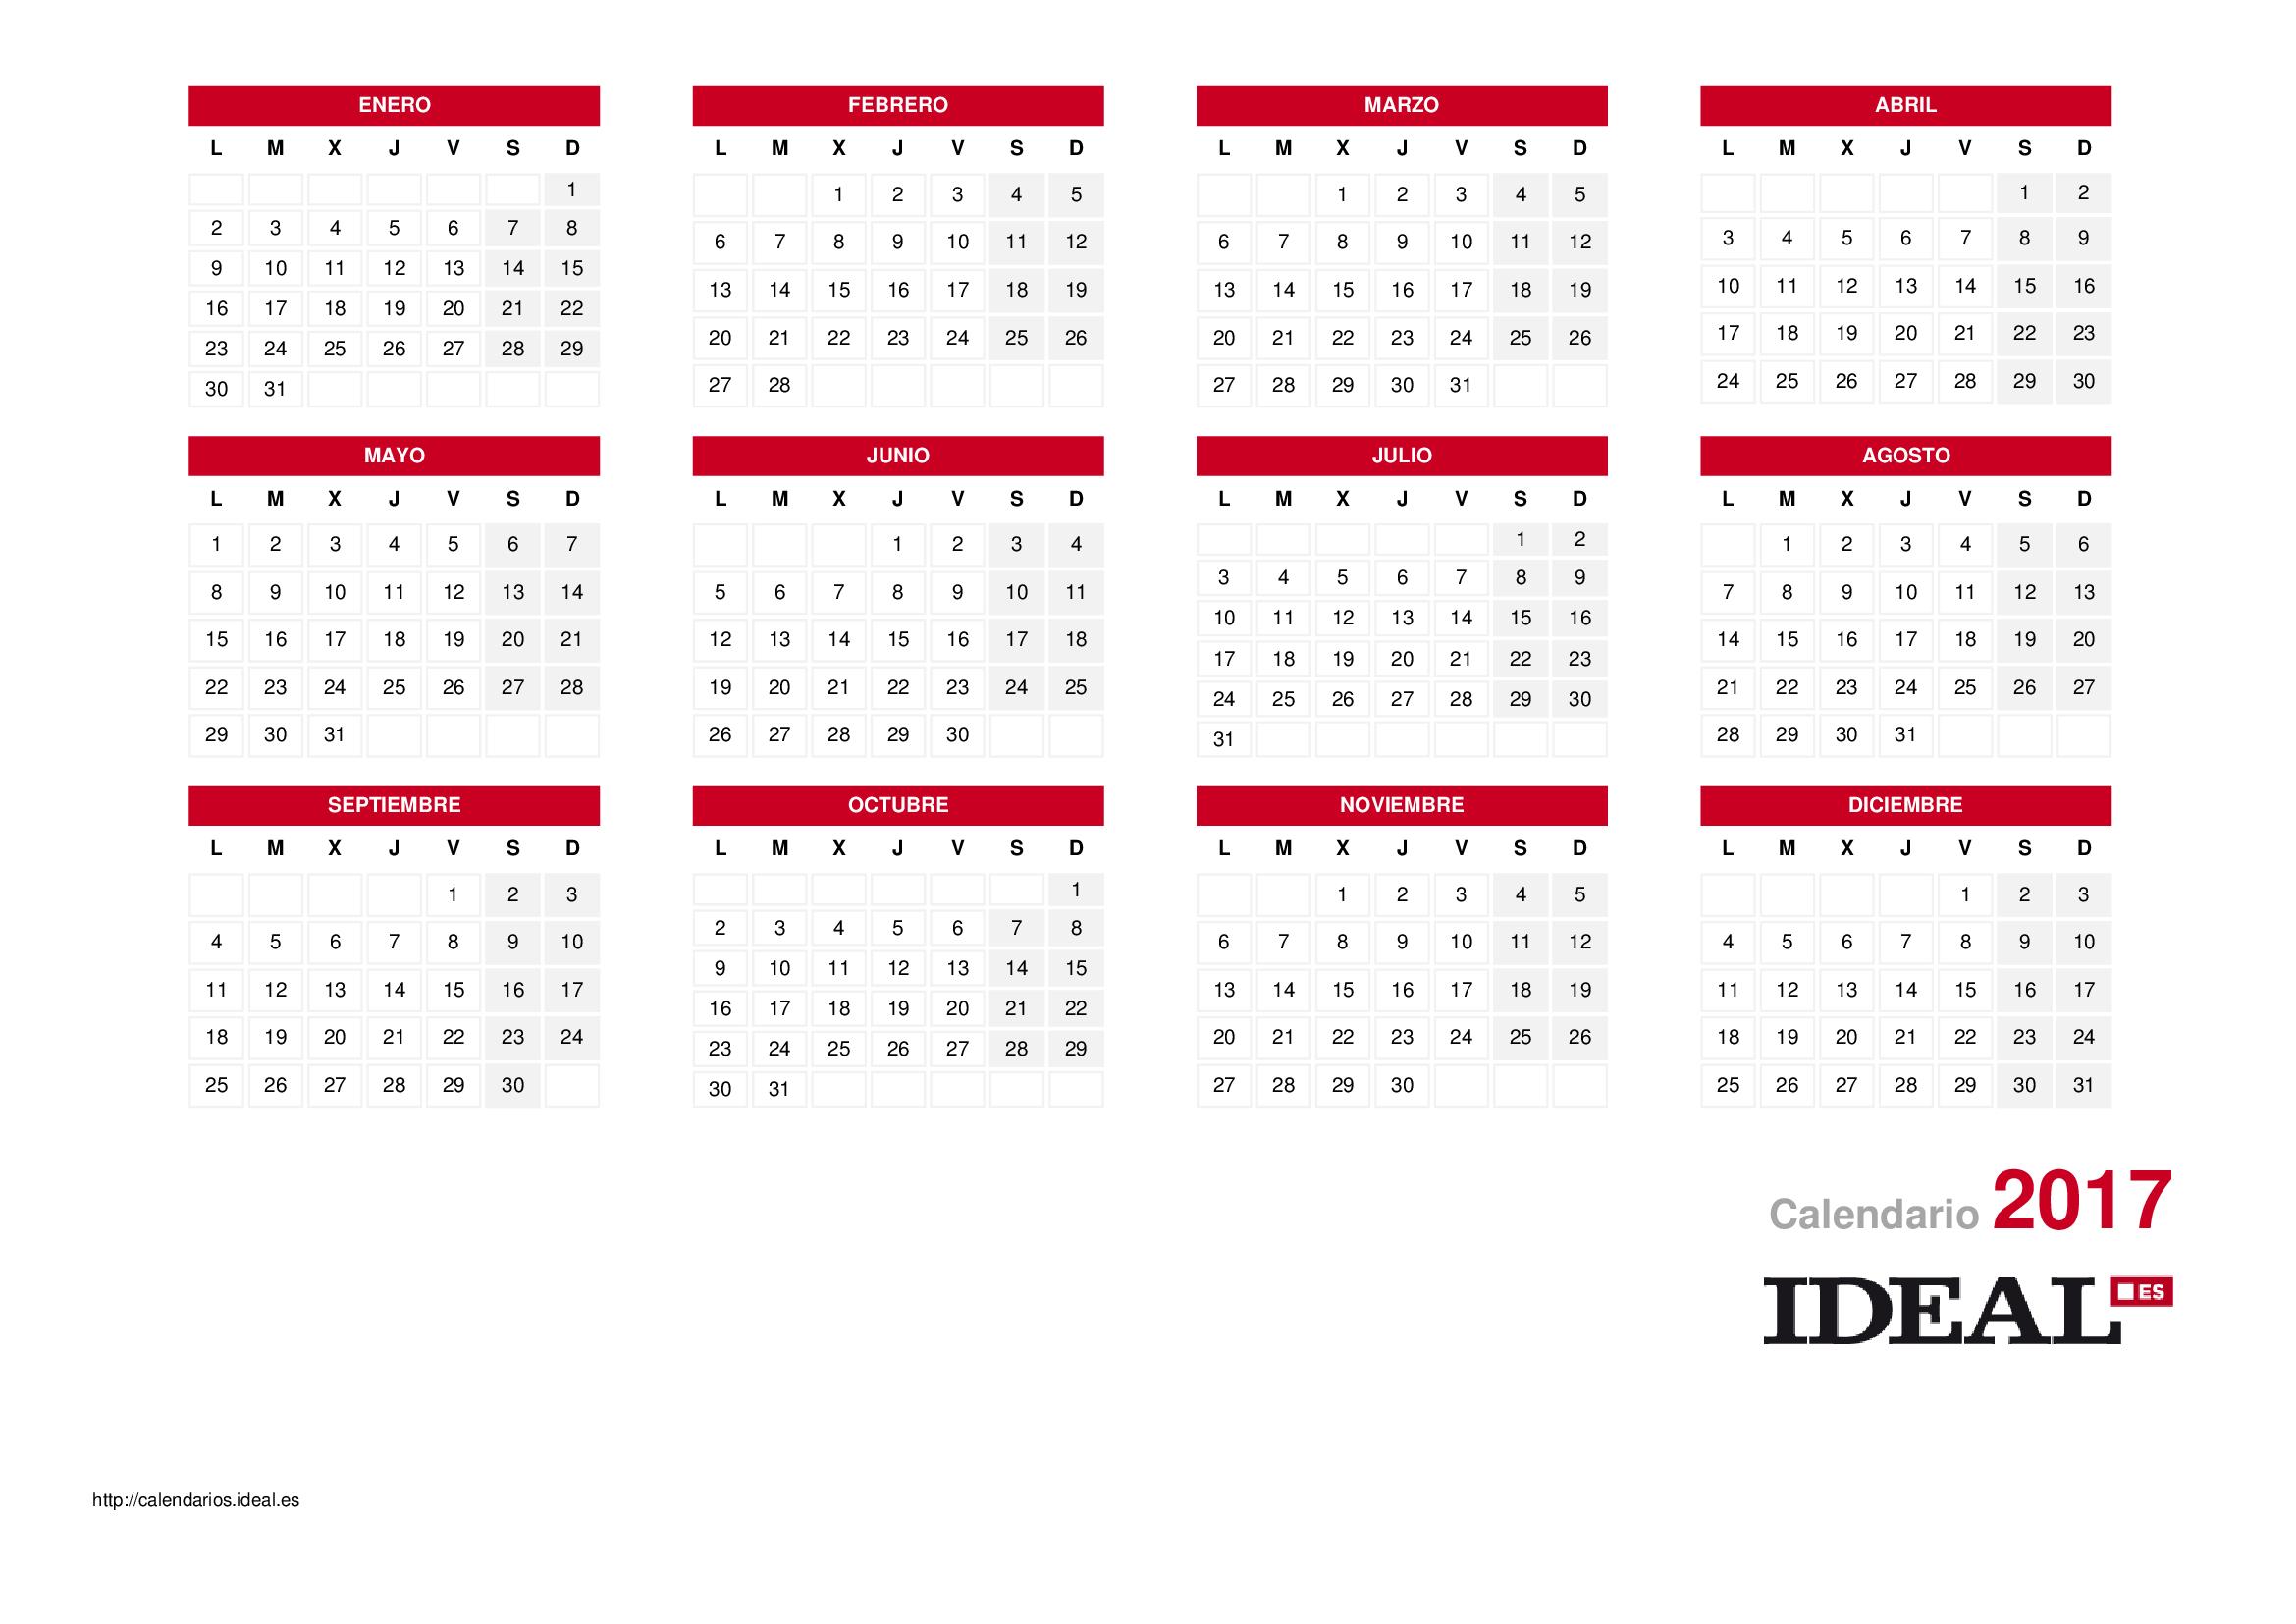 Calendario laboral de 2018 calendarios ideal thecheapjerseys Image collections